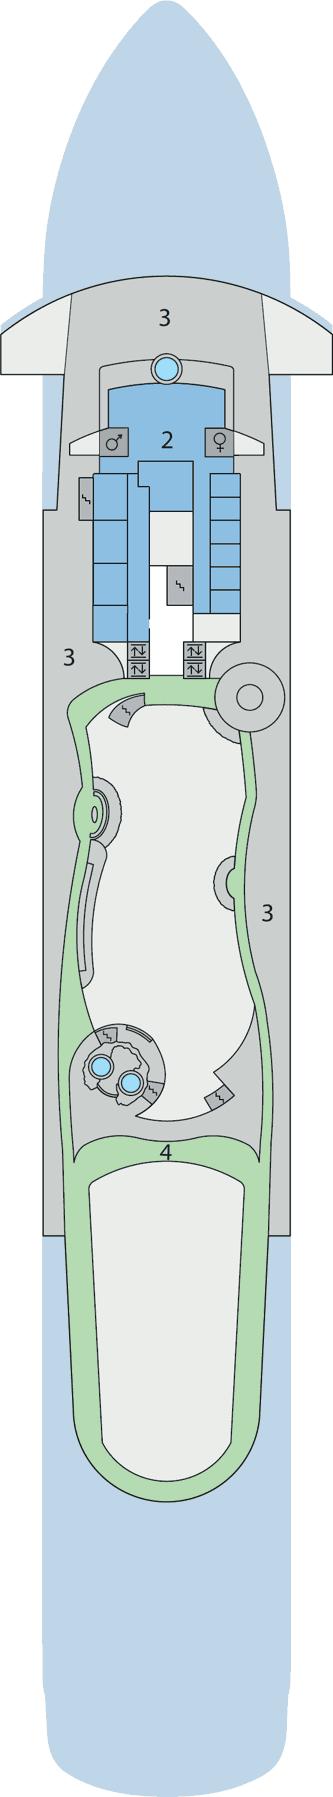 AIDAaura - Deck 11